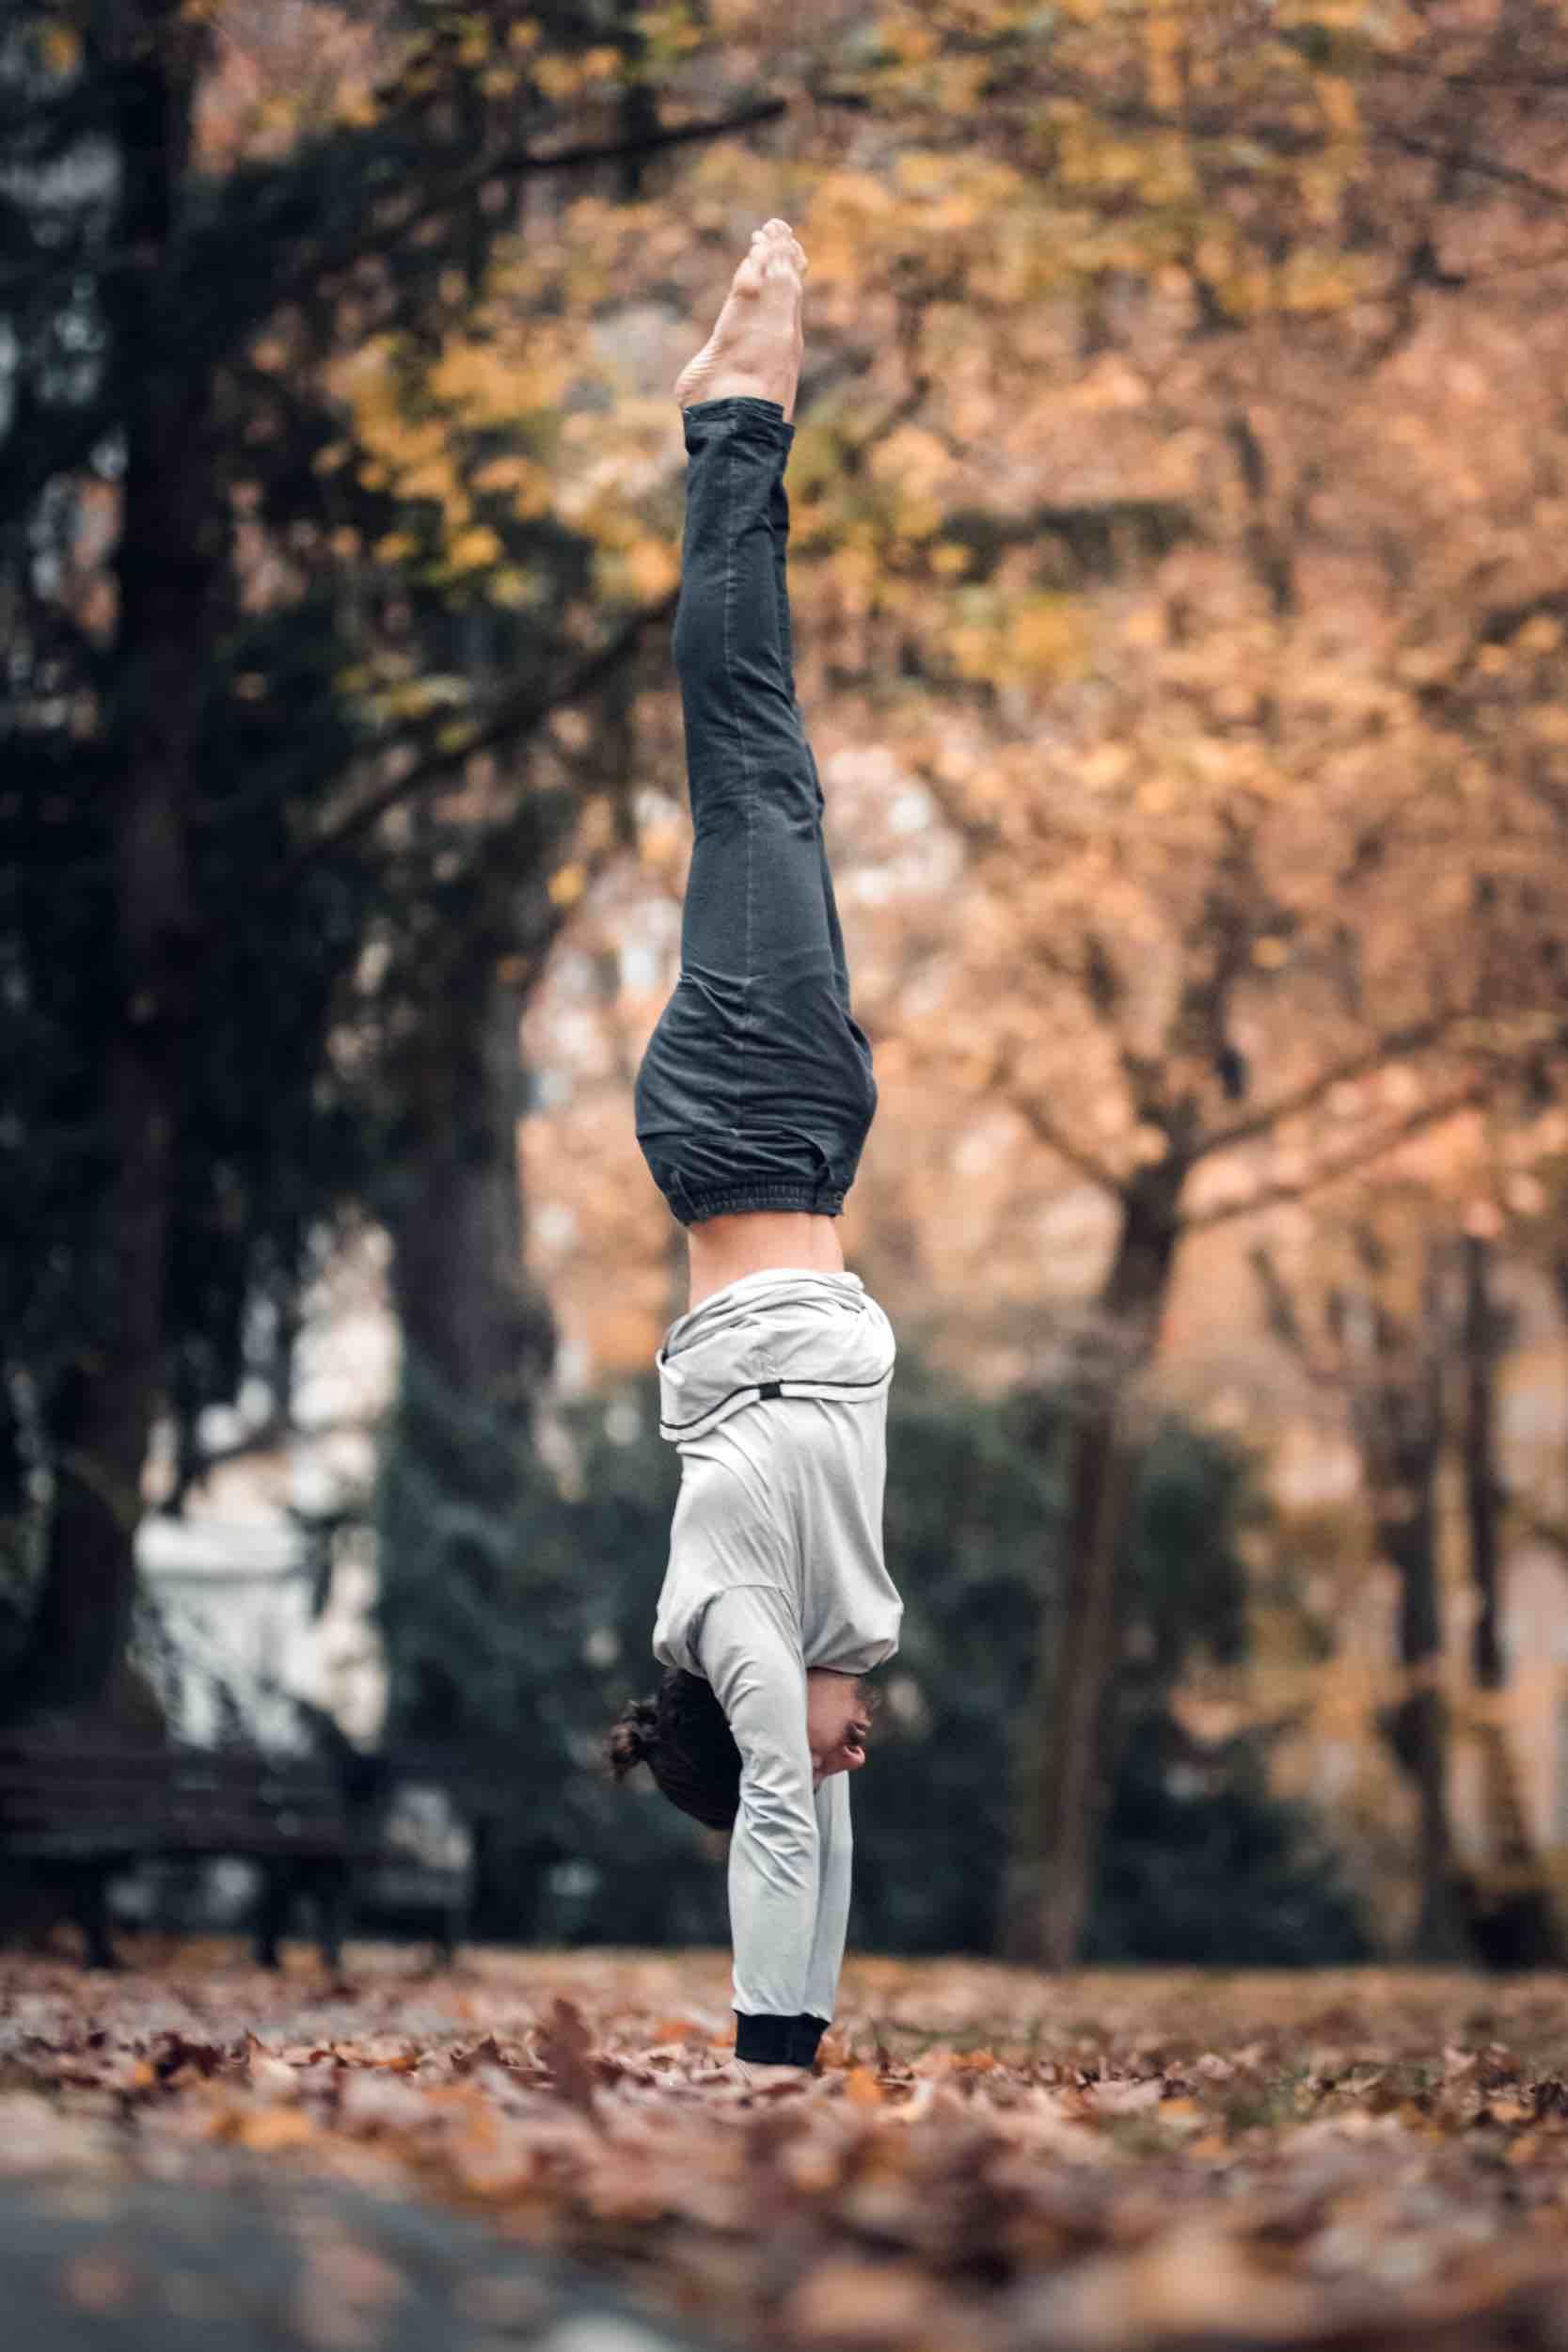 Handstand Online Yoga Classes